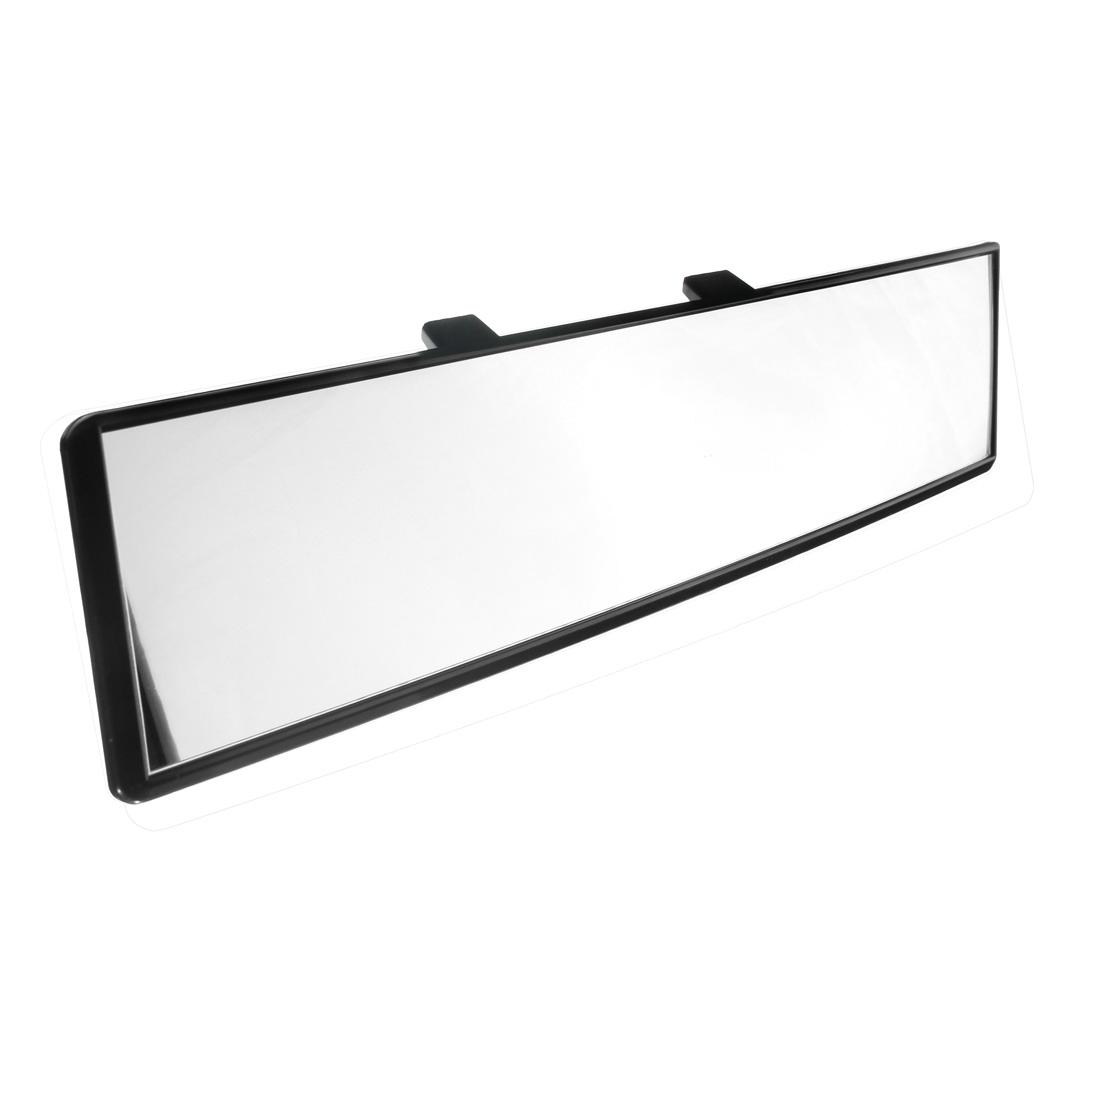 300mm espejo retrovisor panoramico curvado interior coche for Espejo retrovisor interior